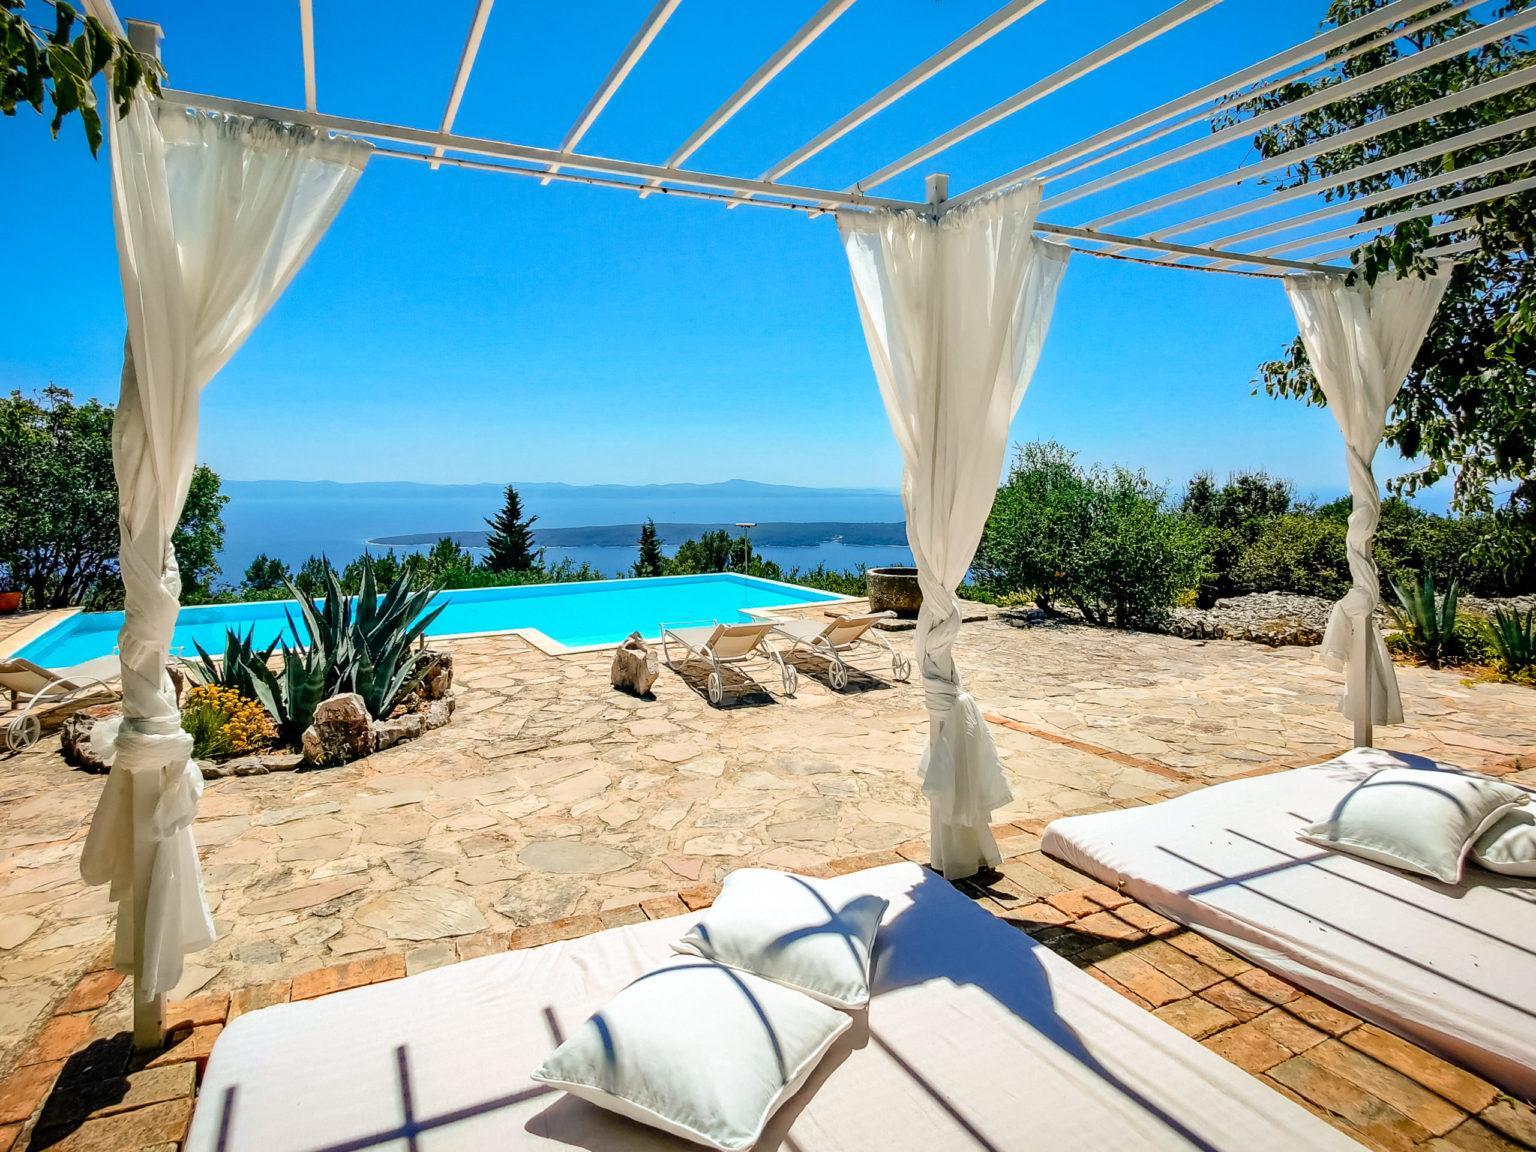 Hochzeit in der Villa Dvori Heiraten Hochzeitslocation Location in Kroatien Luxus Pool Meerblick